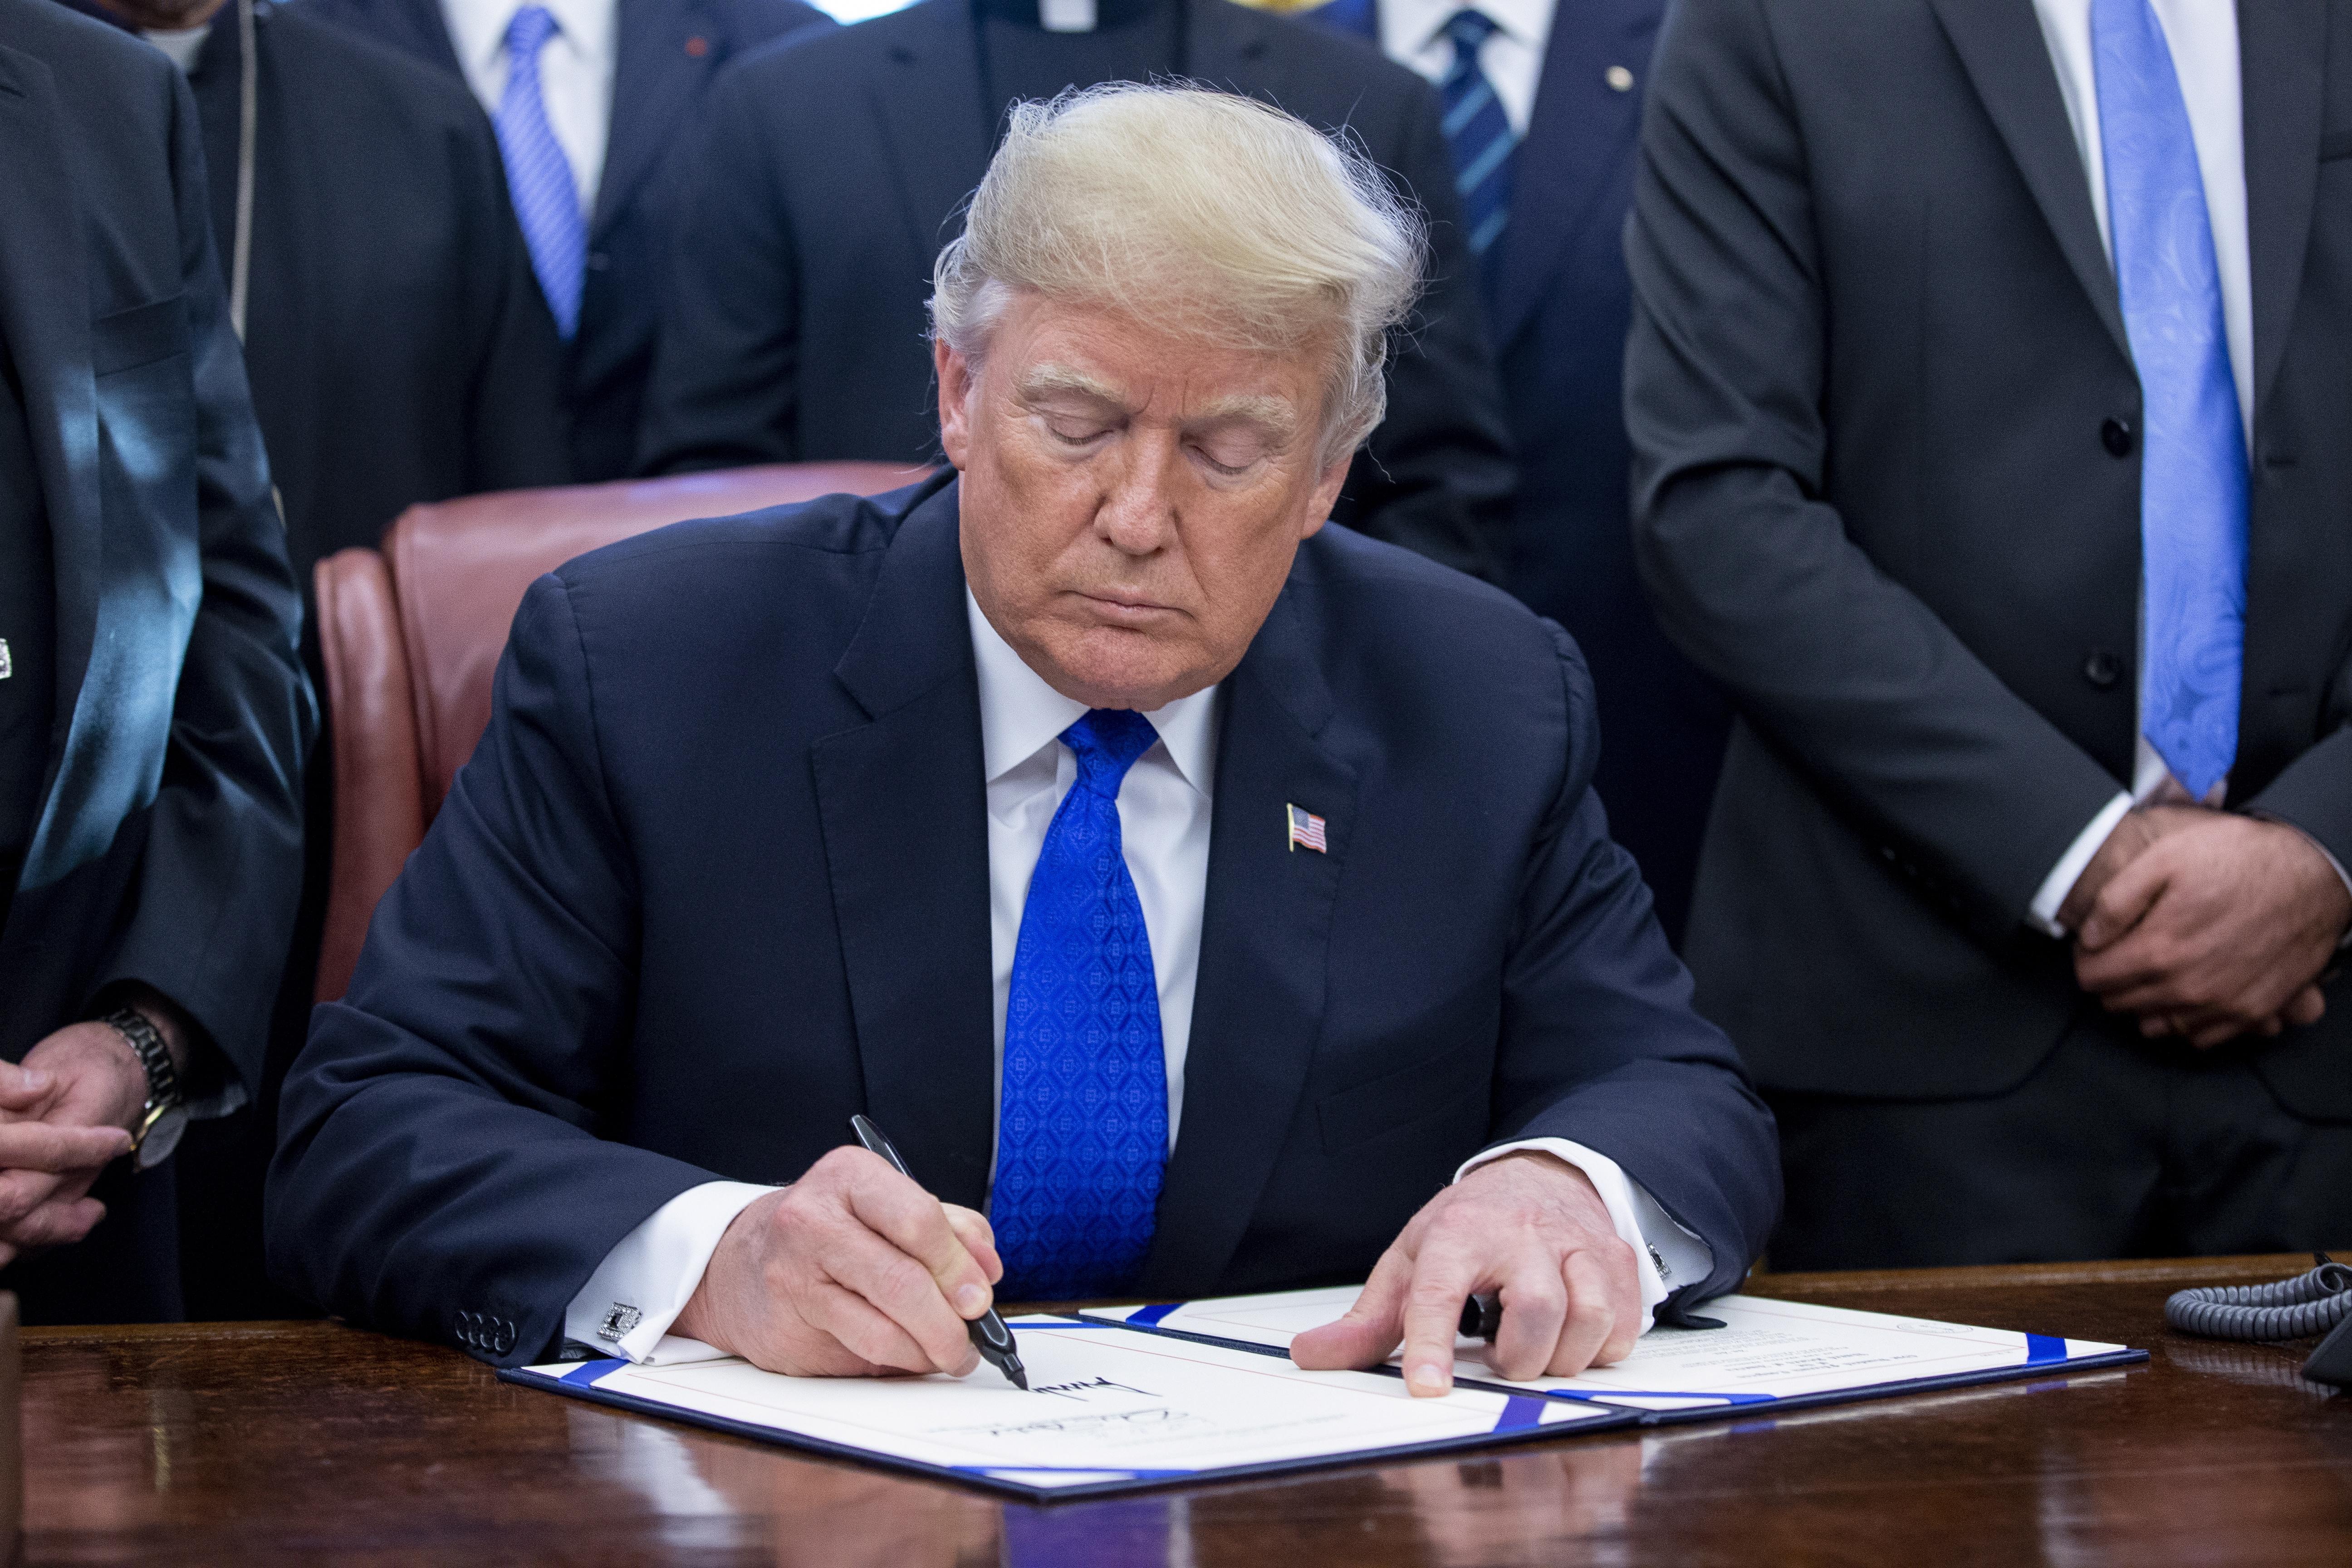 Nakon napada u Strasbourgu, Trump još sigurniji u ideju graničnog zida